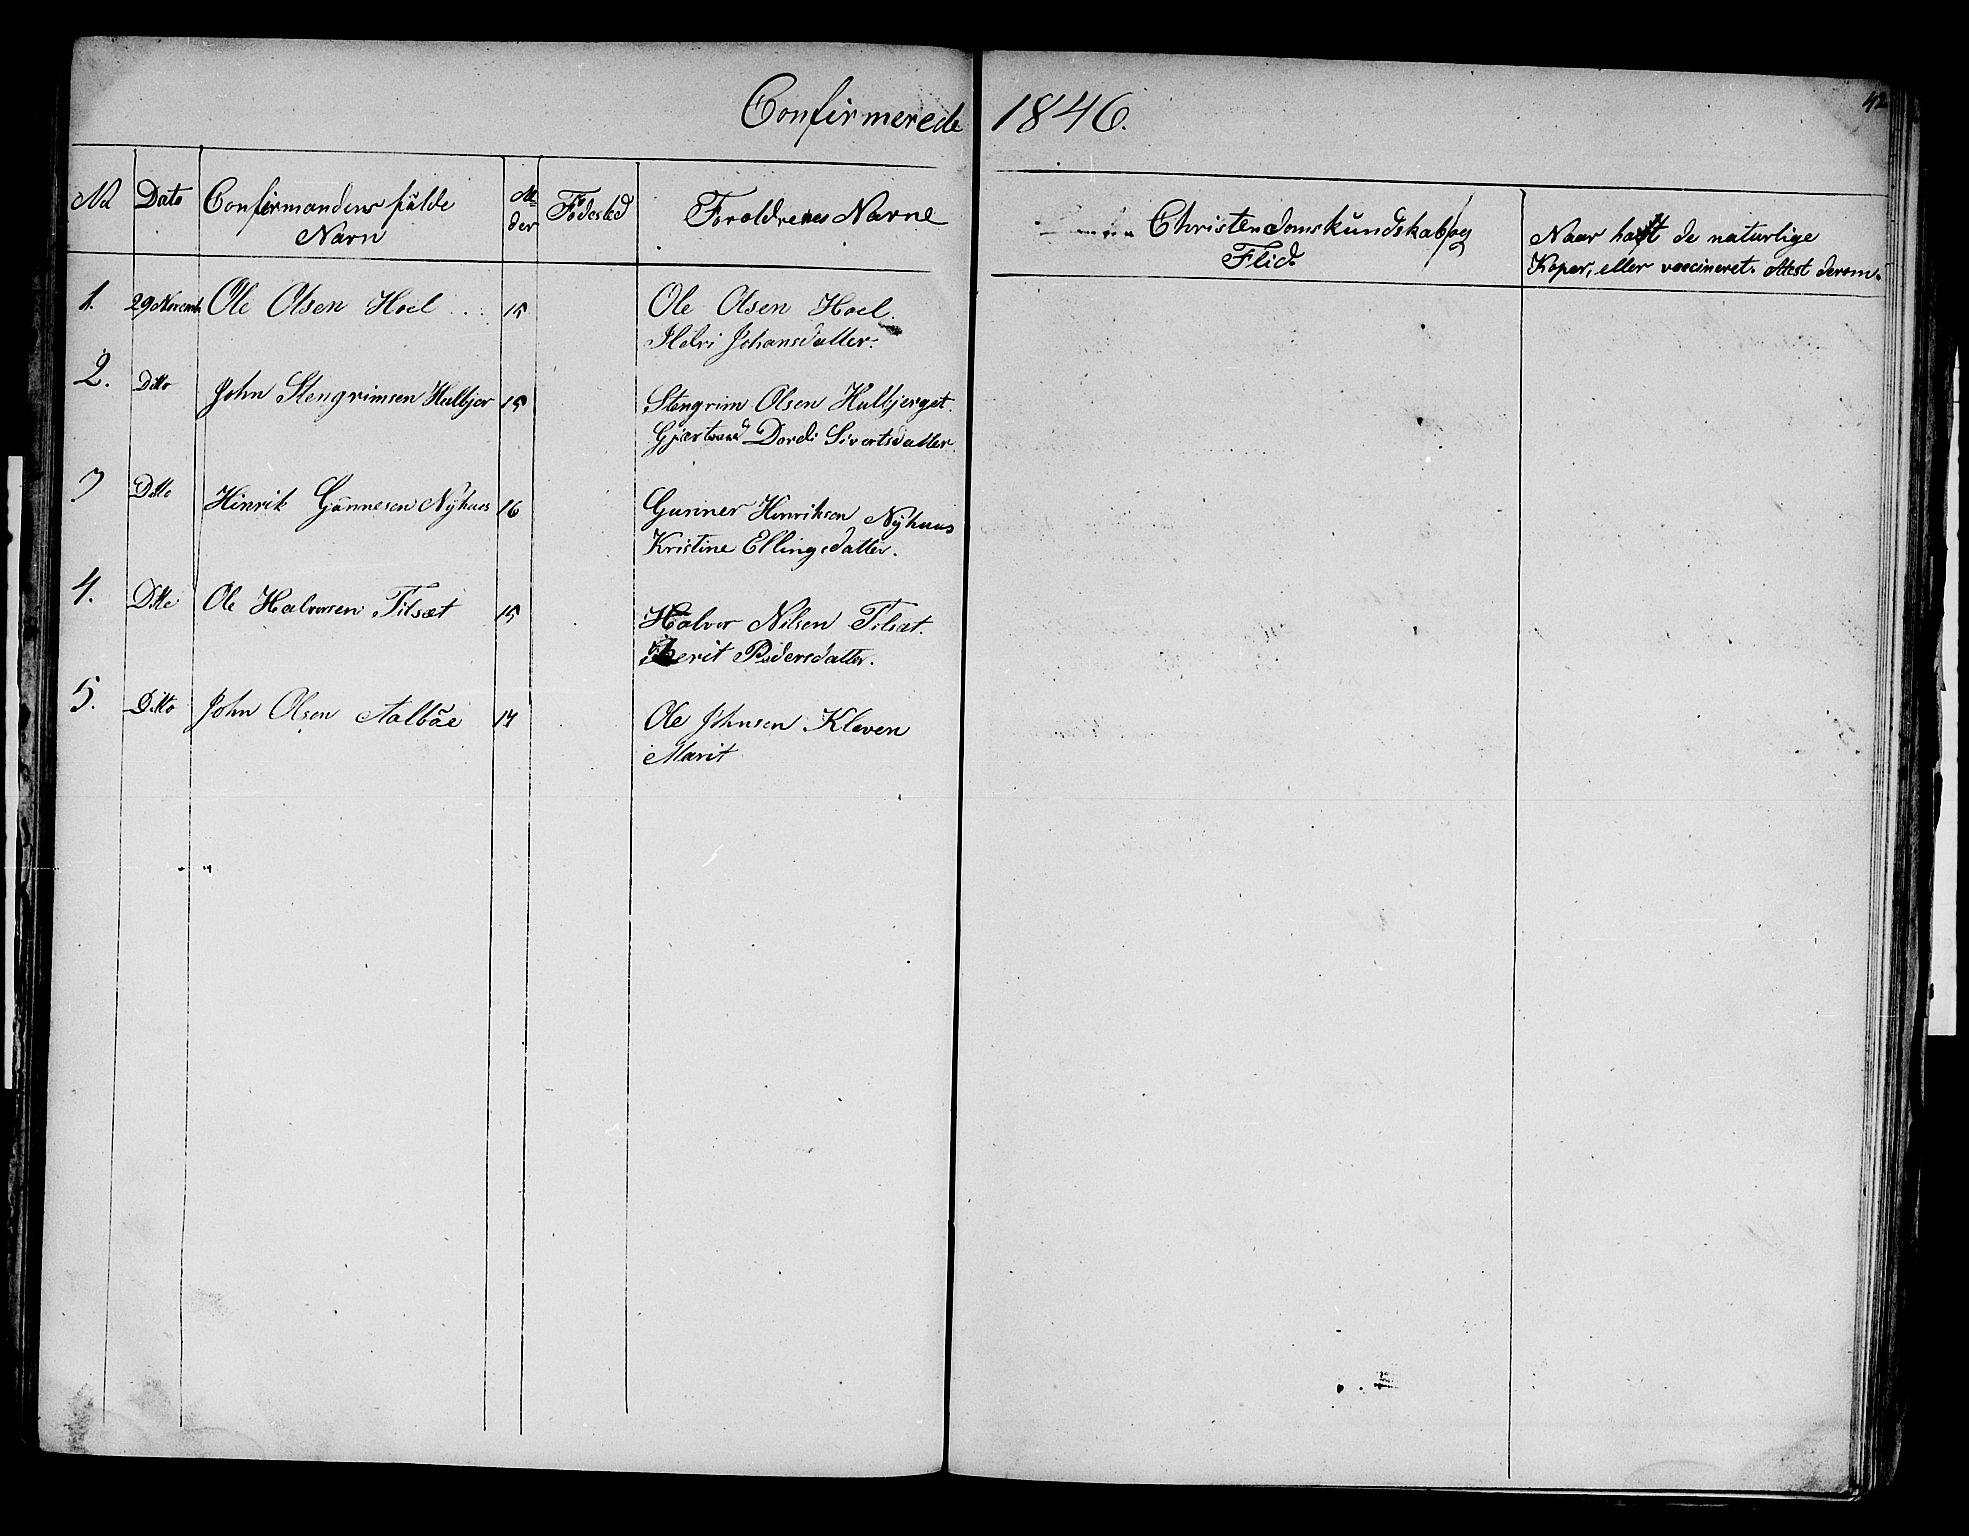 SAT, Ministerialprotokoller, klokkerbøker og fødselsregistre - Sør-Trøndelag, 679/L0922: Klokkerbok nr. 679C02, 1845-1851, s. 42